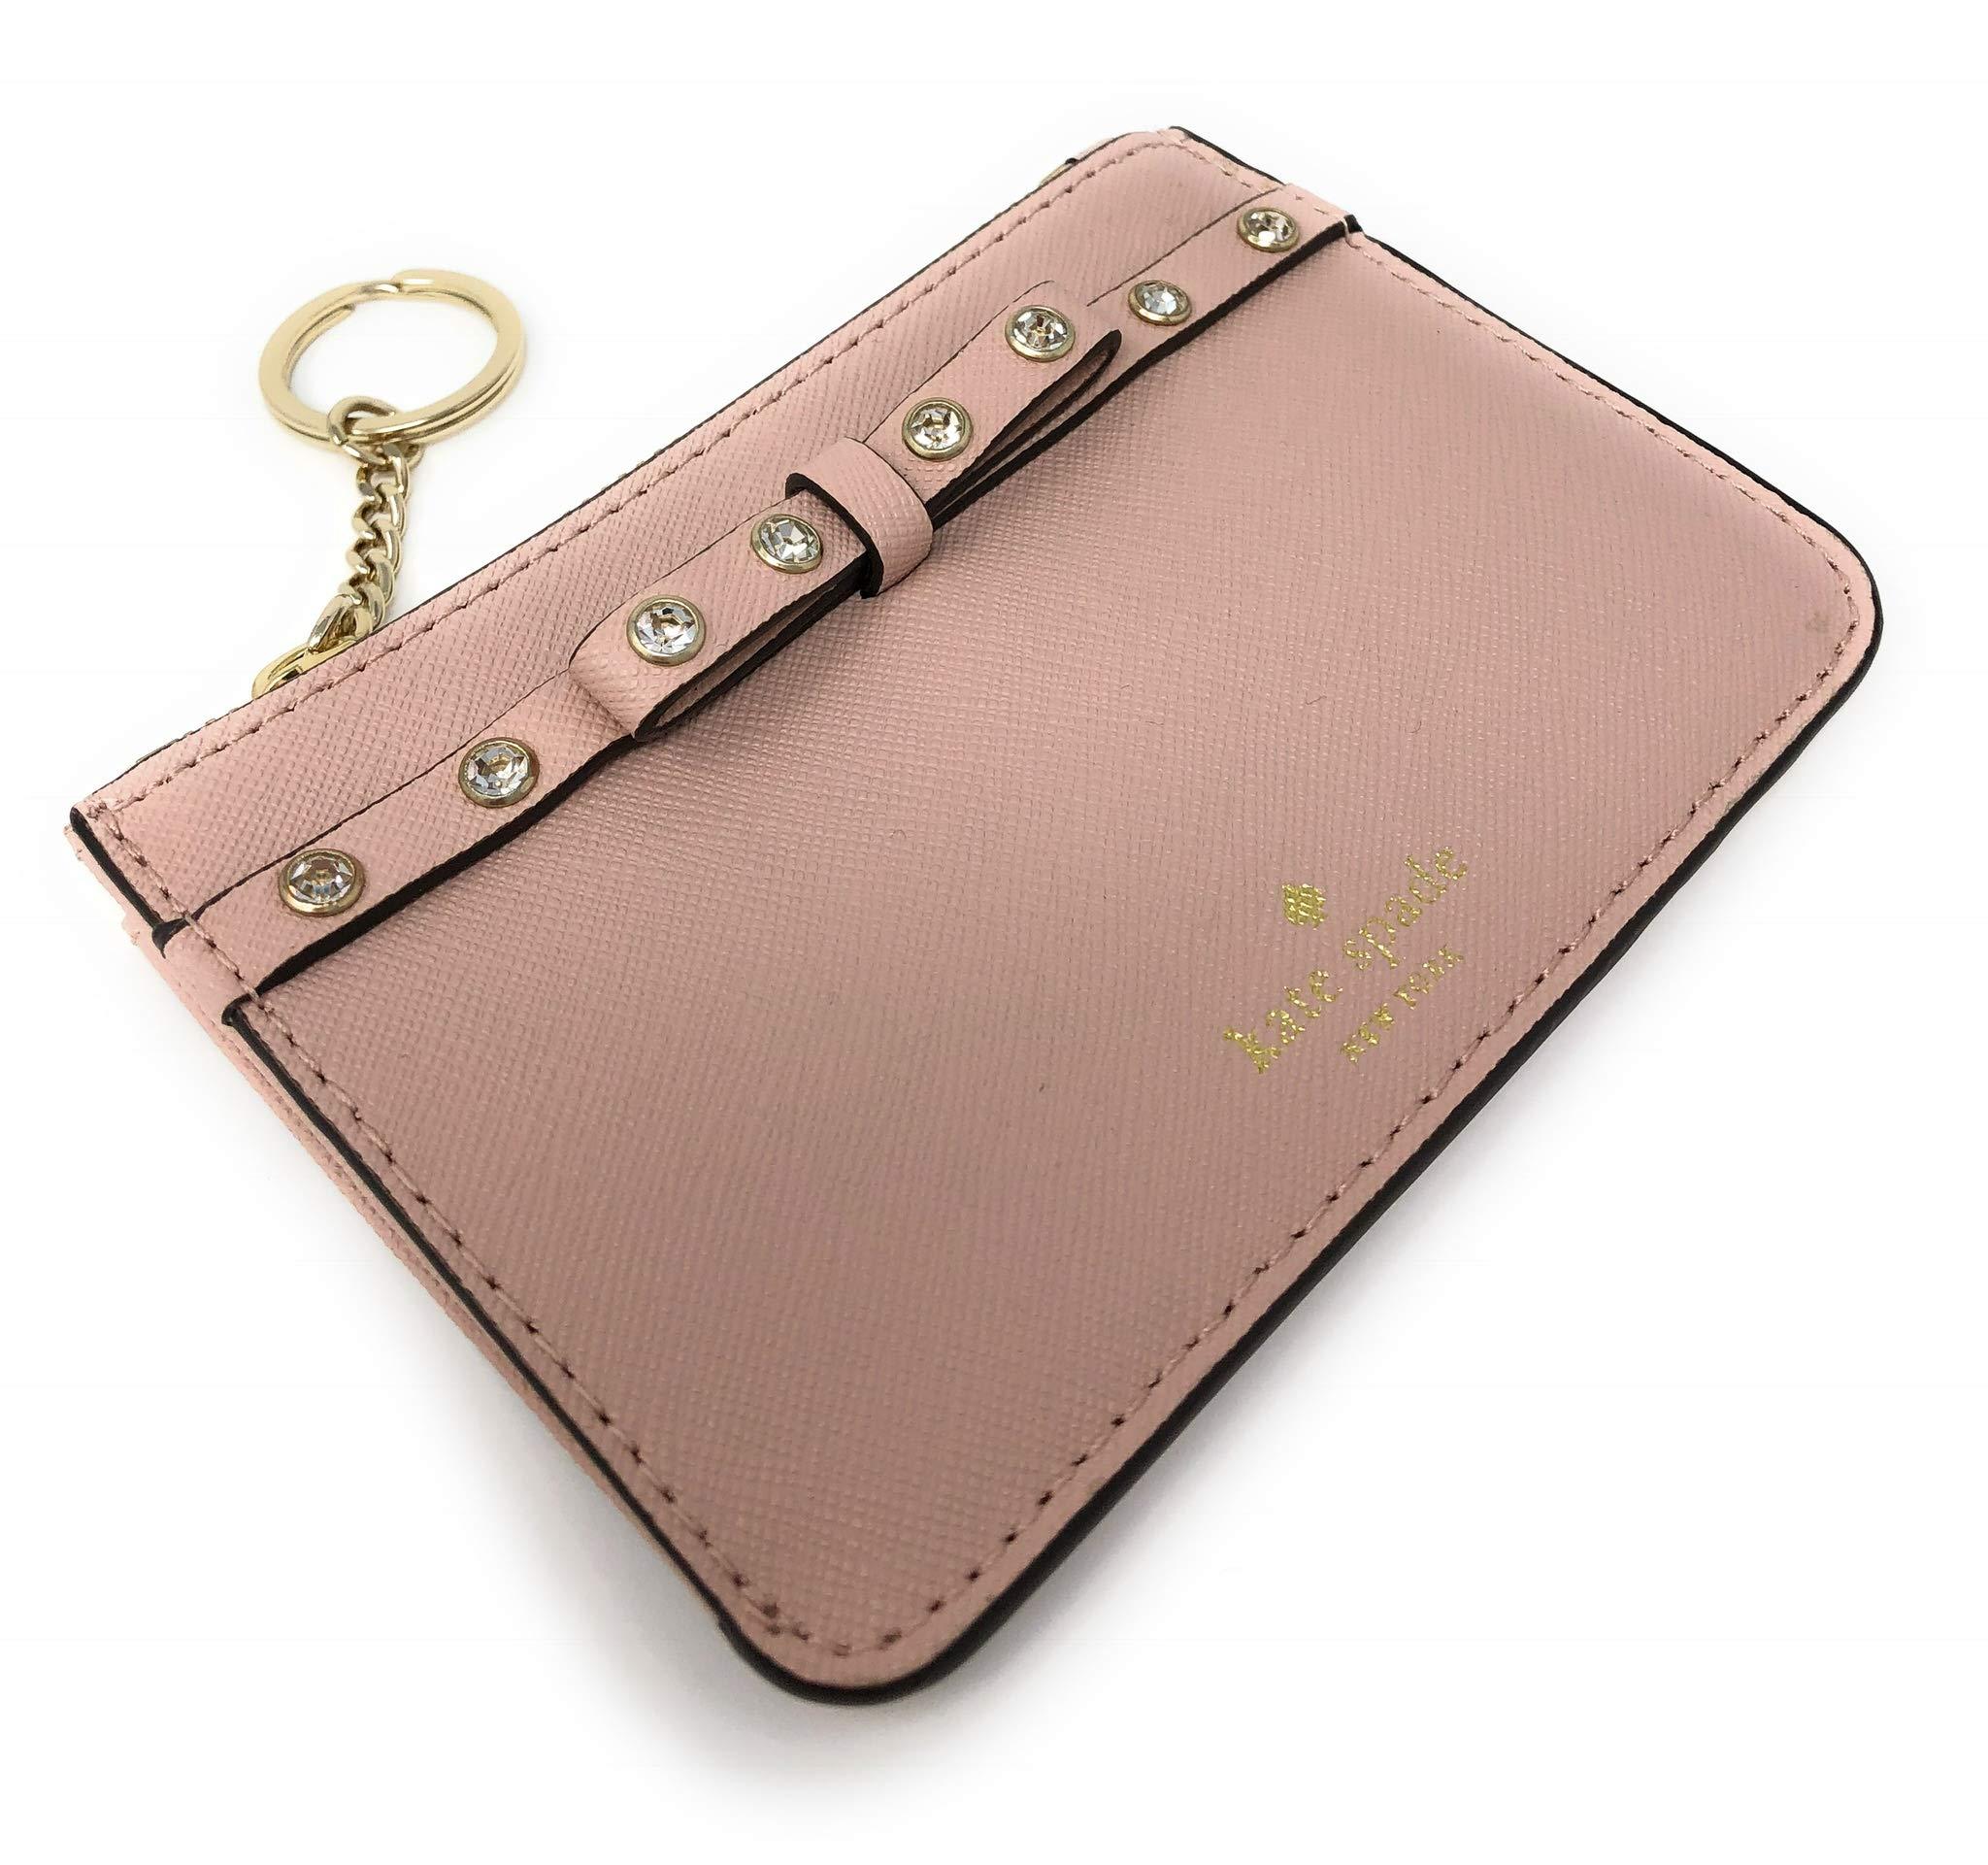 Kate Spade New York Laurel Way Bitsy Card Case Wallet Key Ring Jeweled Warmvellum